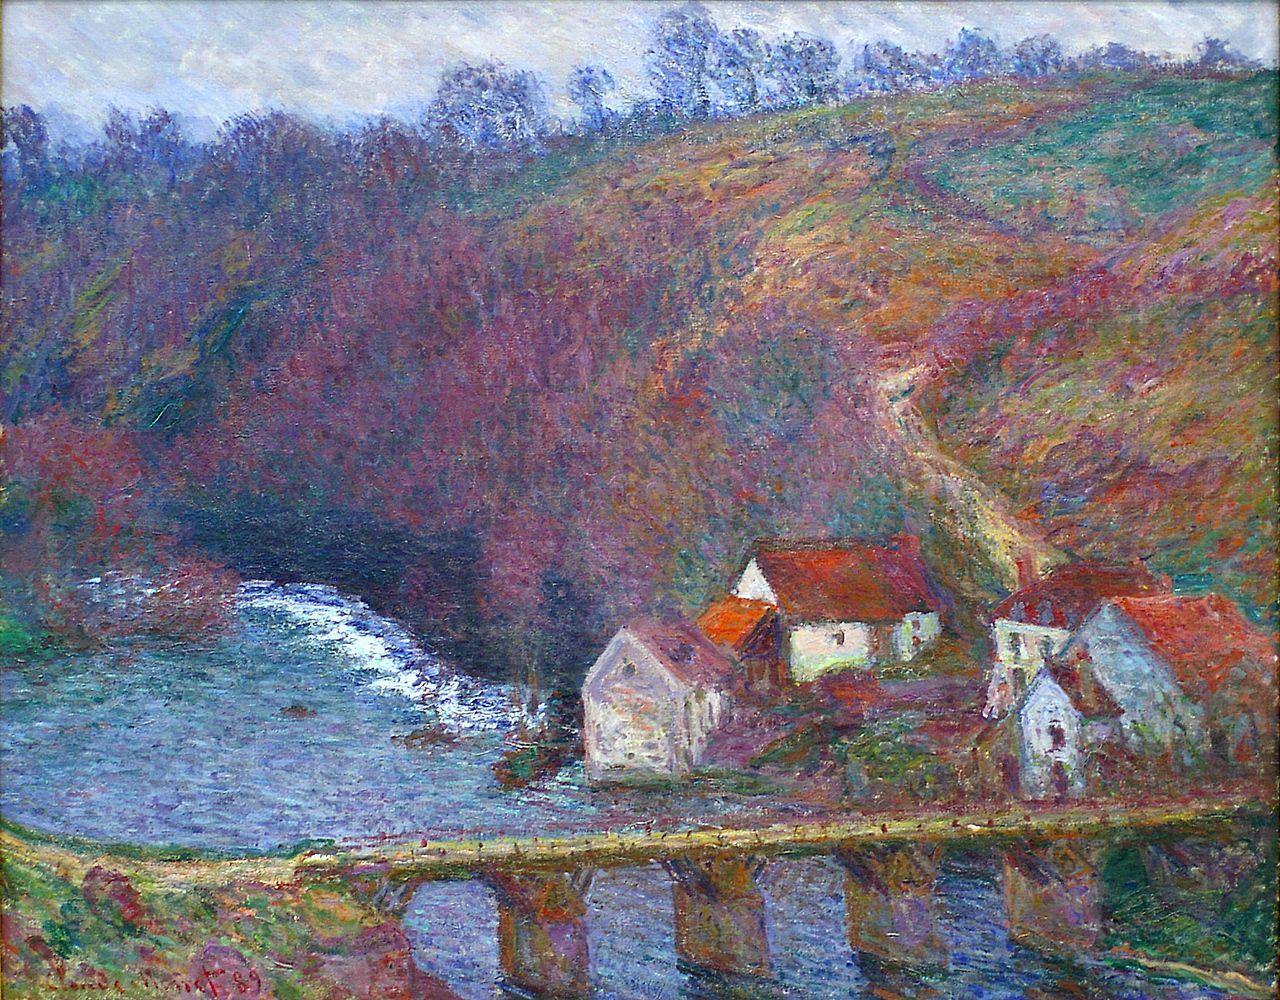 Claude Monet | Monet art, Claude monet paintings, Claude monet